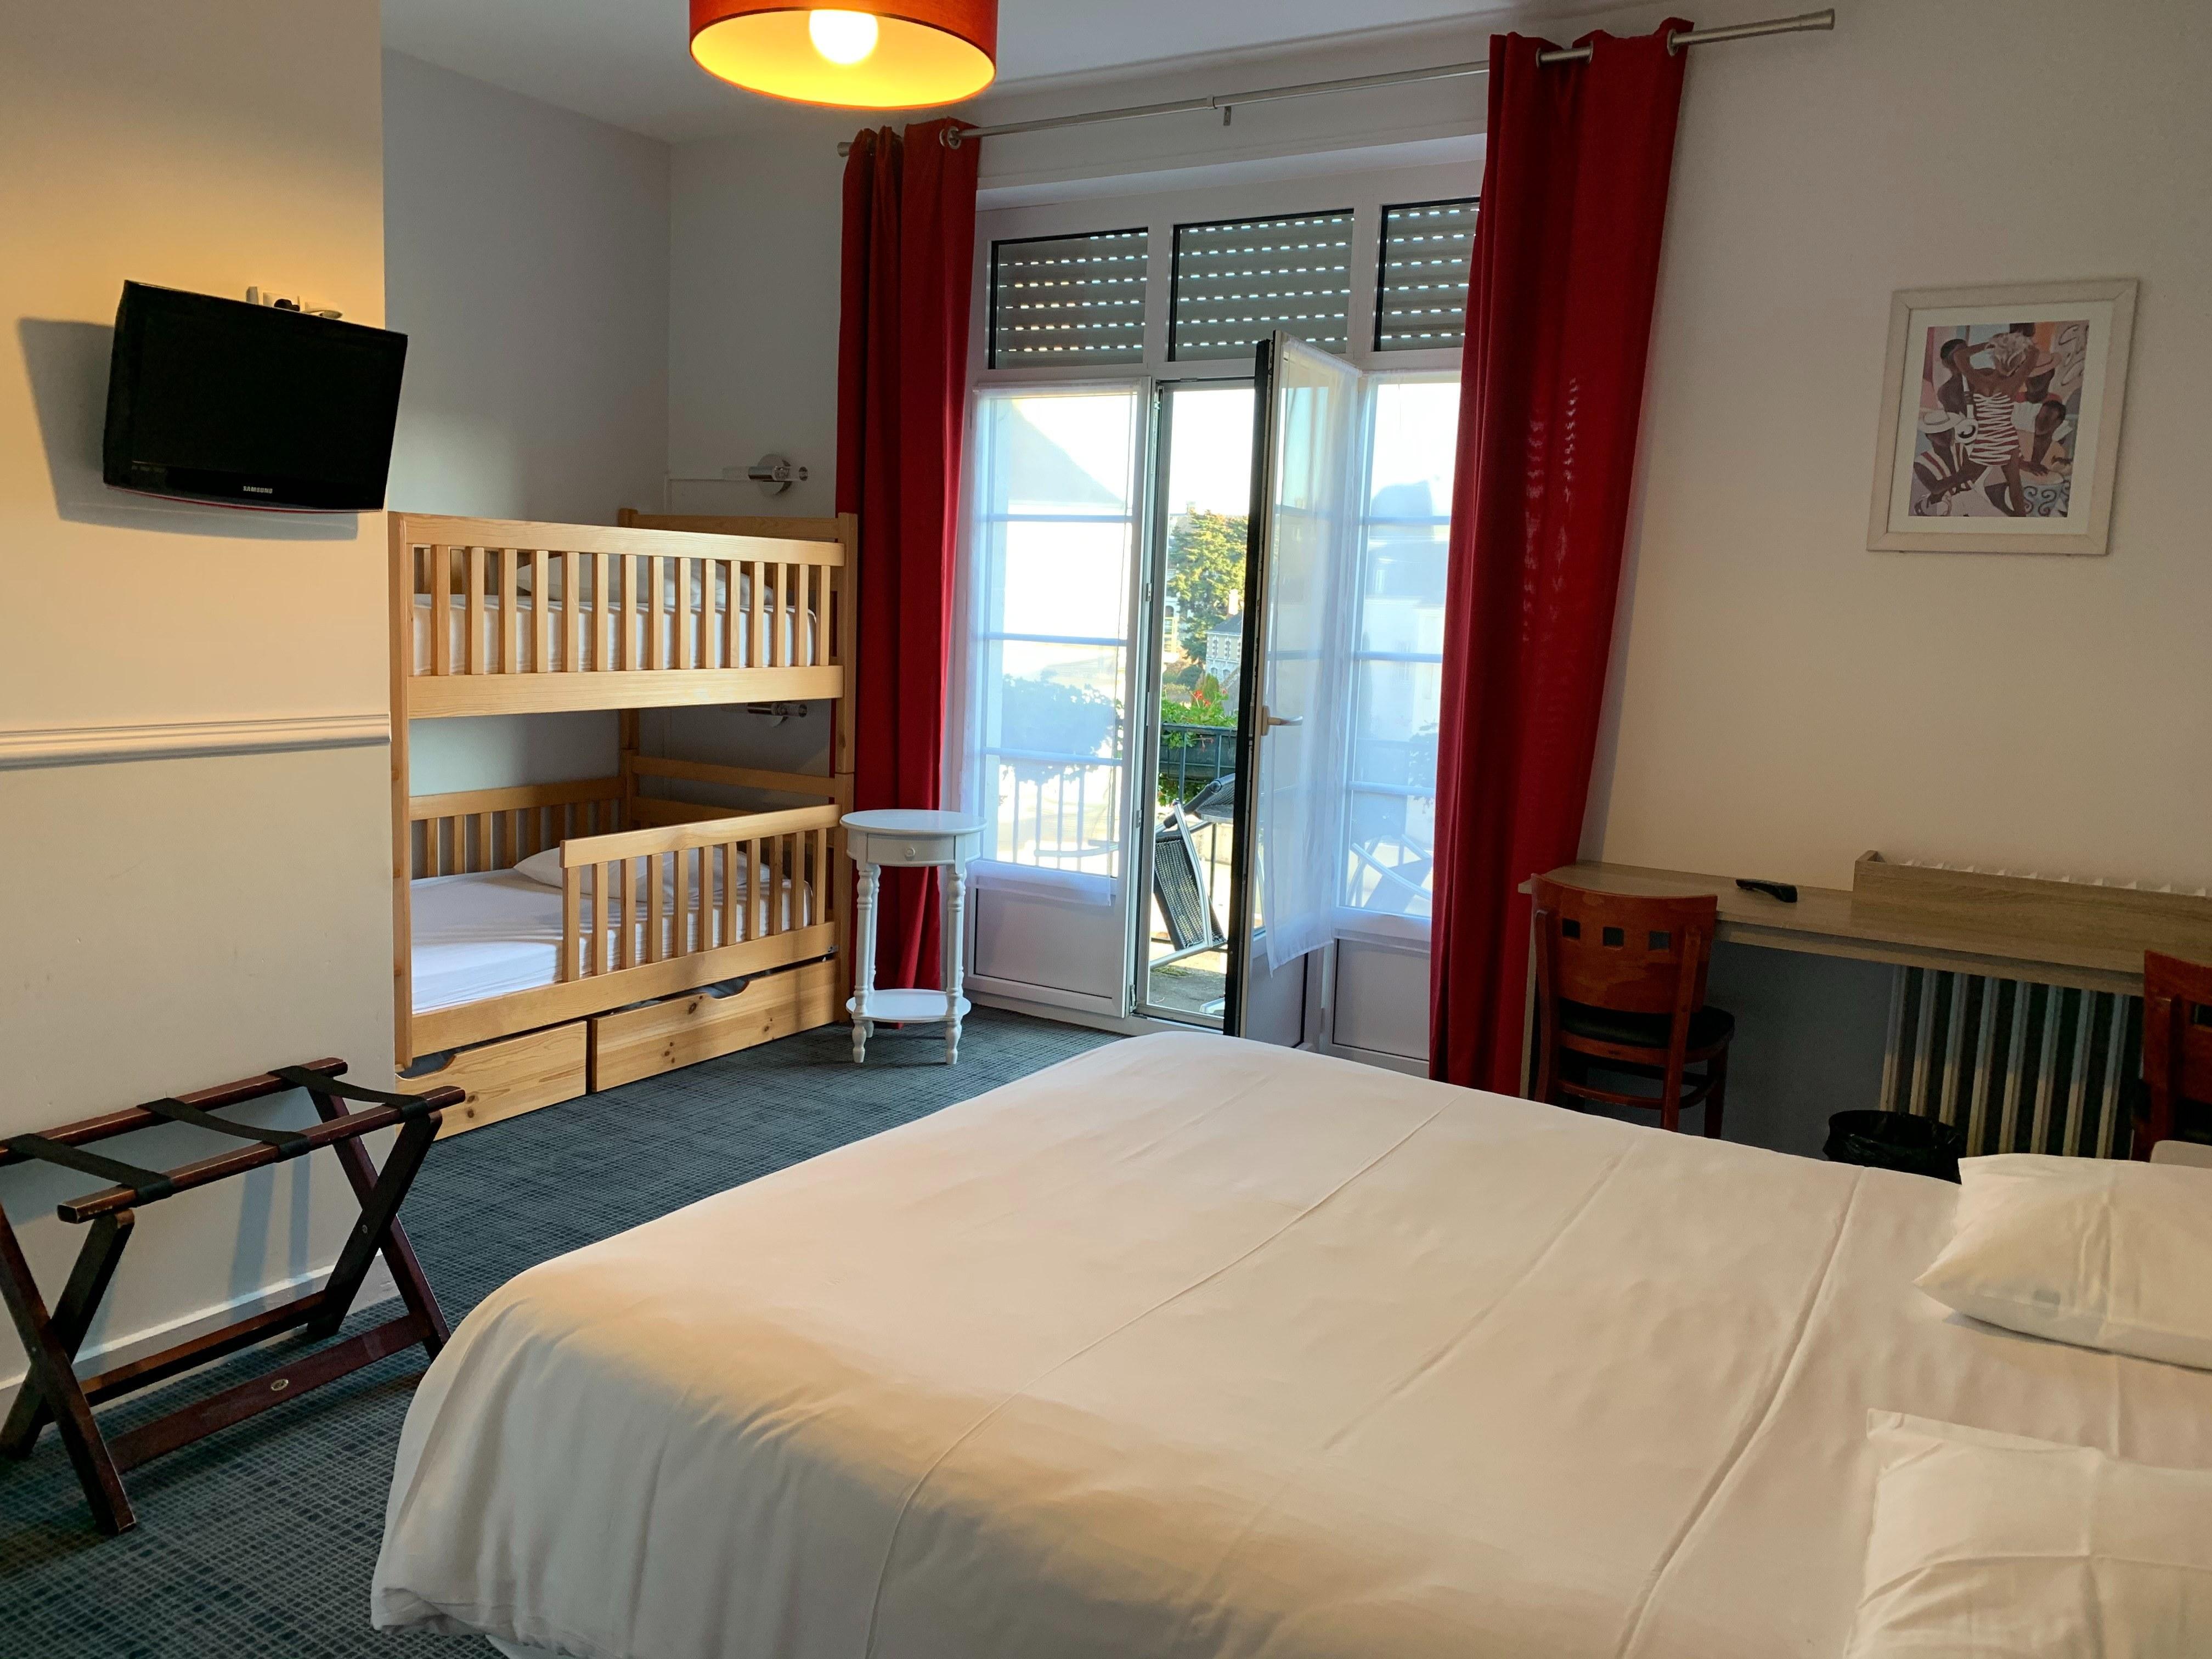 hotel-anne-de-bretagne-blois-centre-ville-chambre-quadruple-supérieure-balcon-4-personnes+lits-superposes